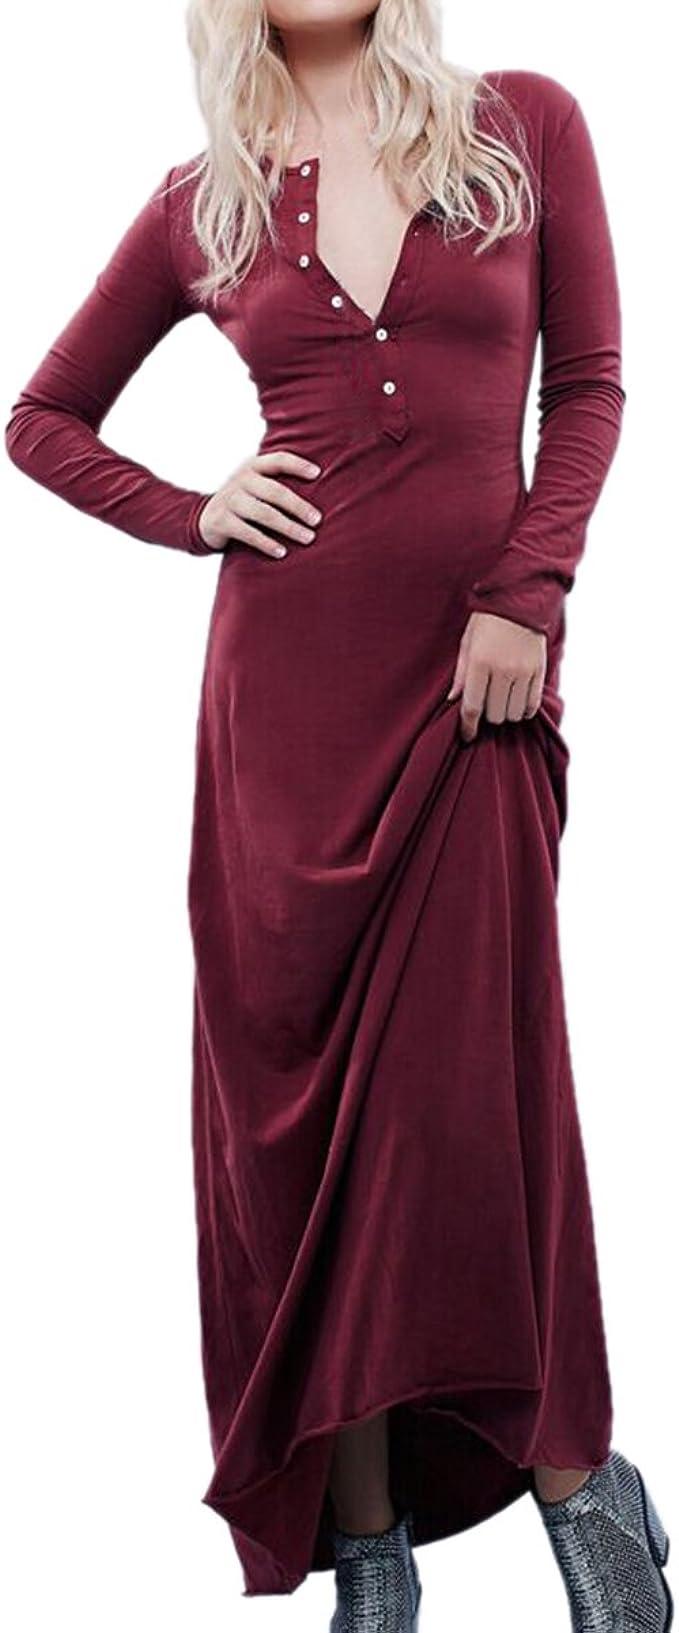 Latinaric Maxi Lang Baumwolle Kleid Lang Arm Elegant Hauteng